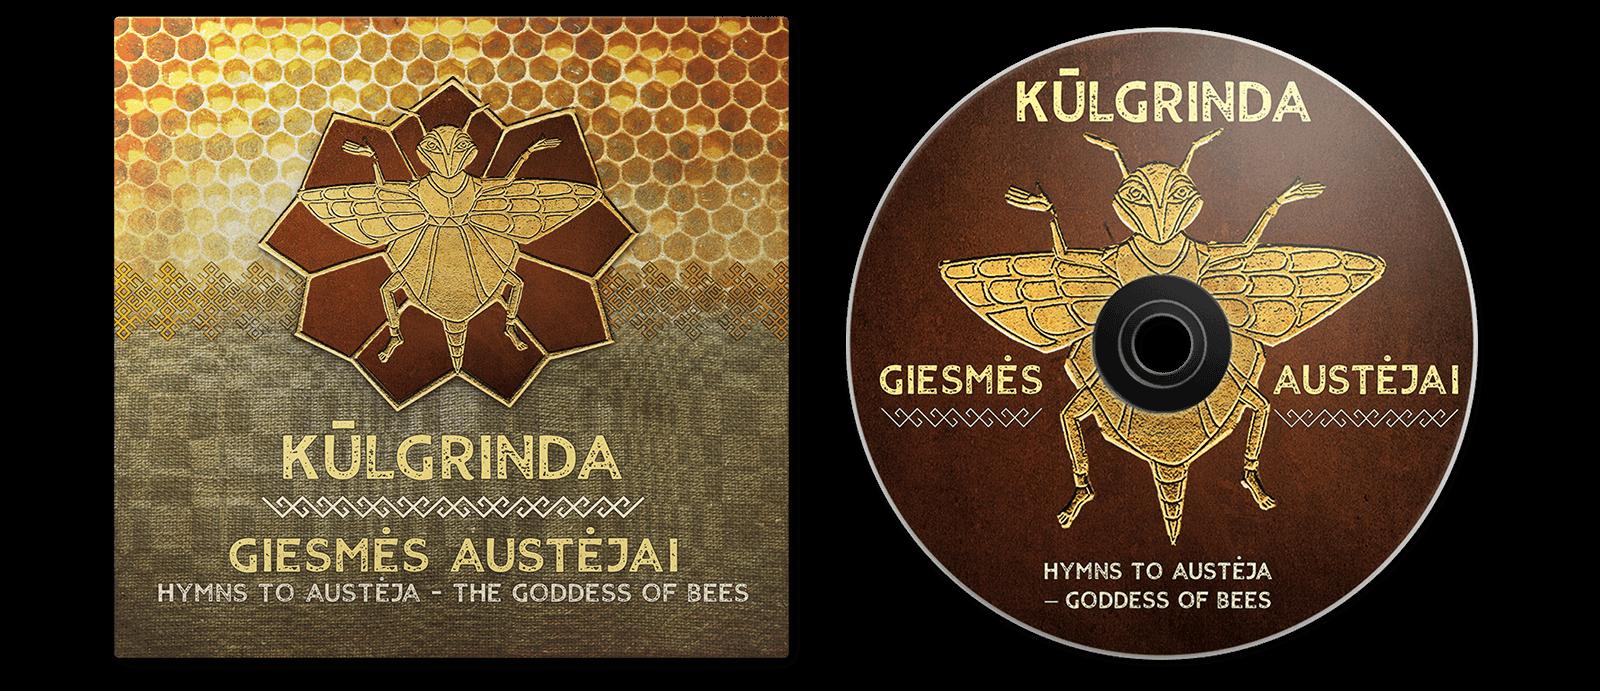 kulgrinda-austeja-001